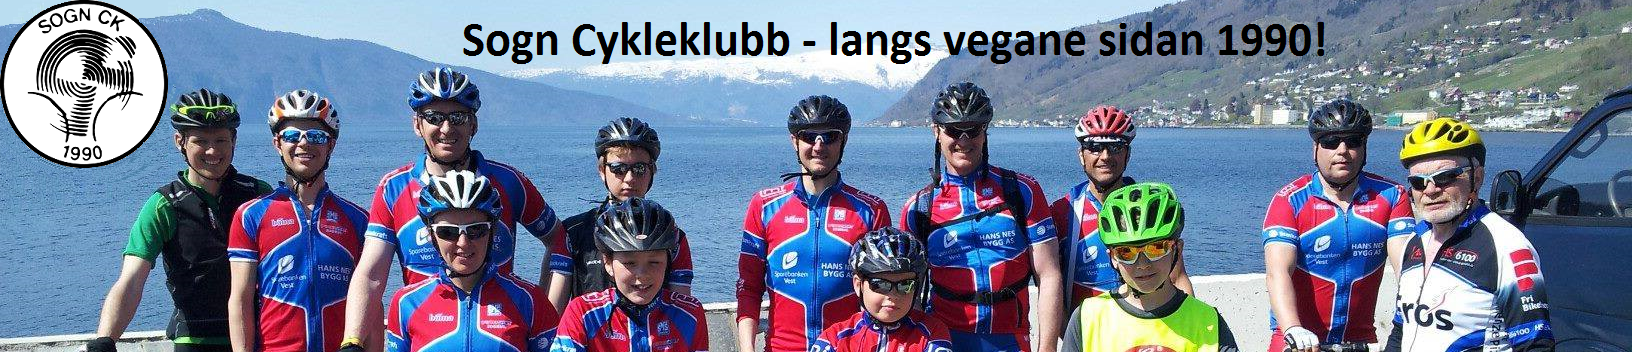 Sogn Cykleklubb